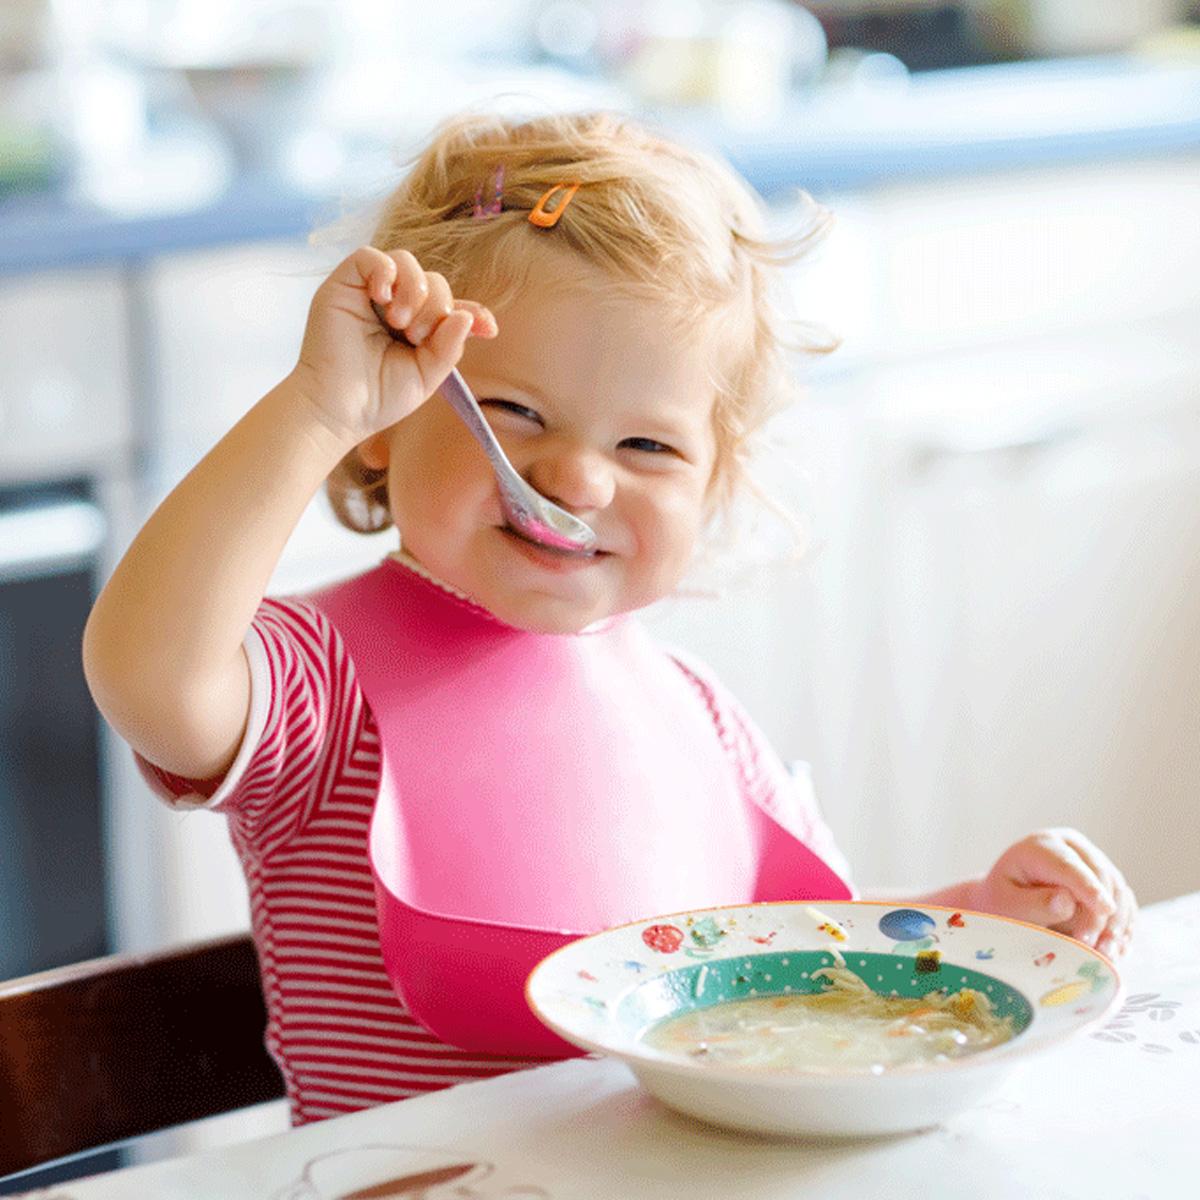 بهترین غذاهای کمکی برای نوزادان+ دستور تهیه